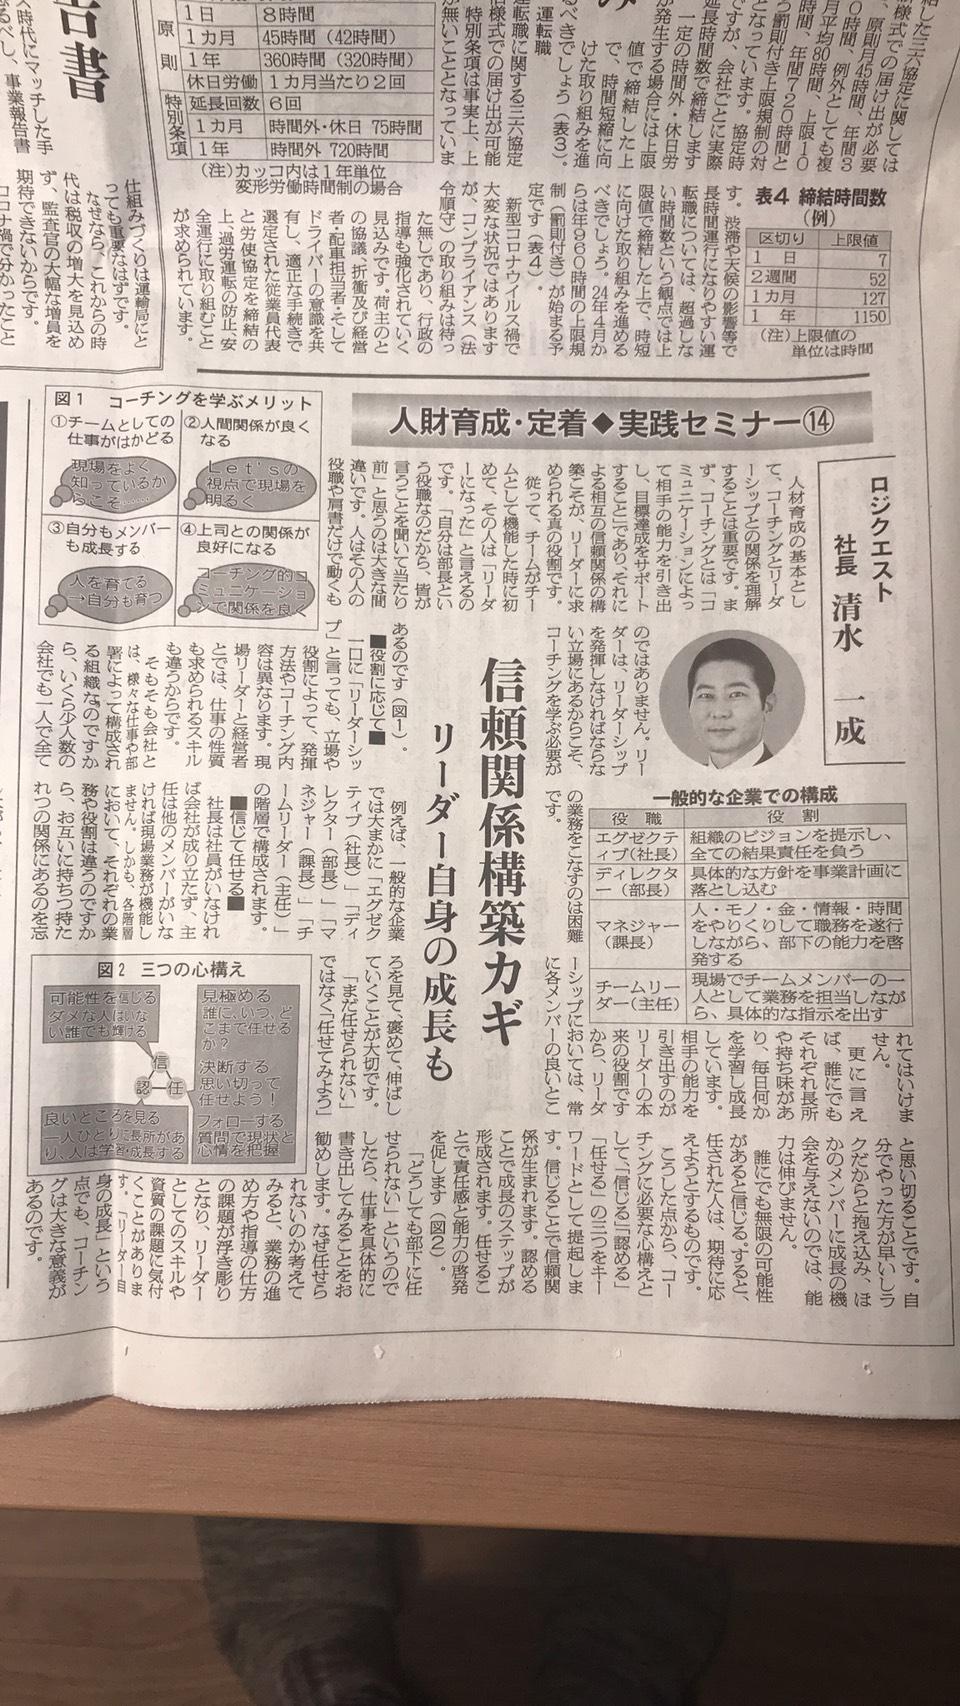 物流ニッポン 連載記事「人財育成・定着◆実践セミナー⑭ コーチング 信頼関係構築カギ リーダー地自身の成長も」